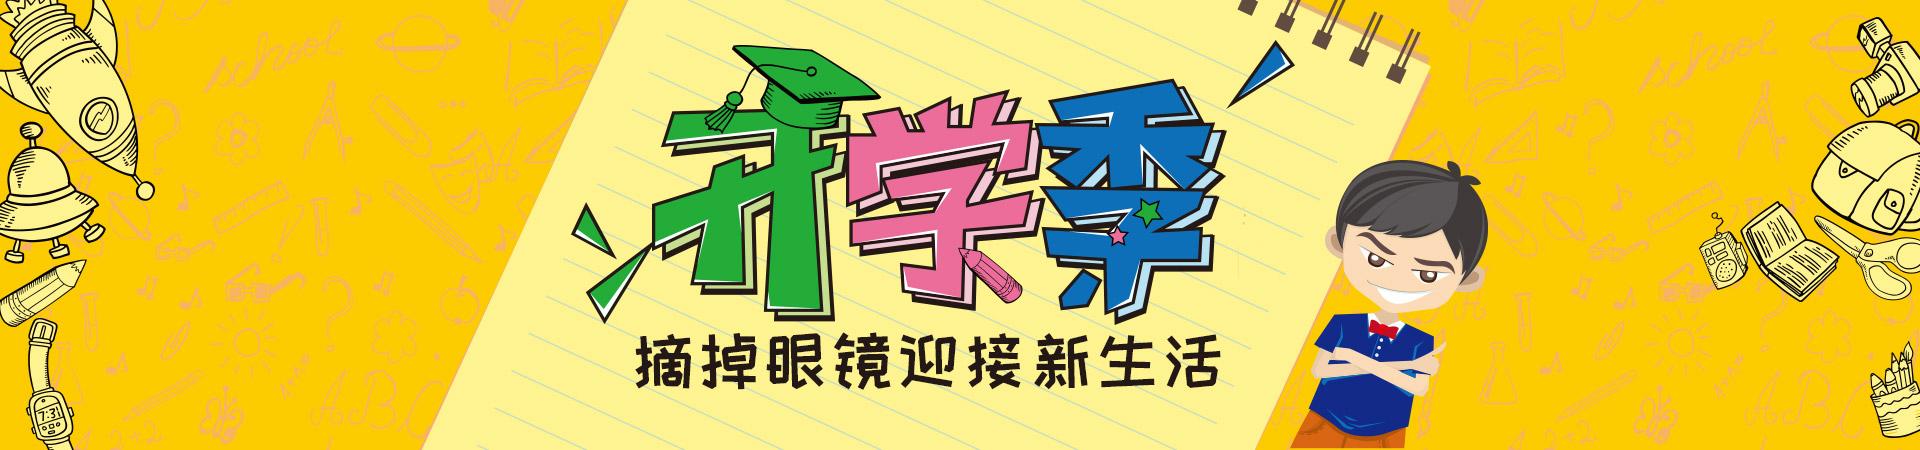 开学季banner-PC